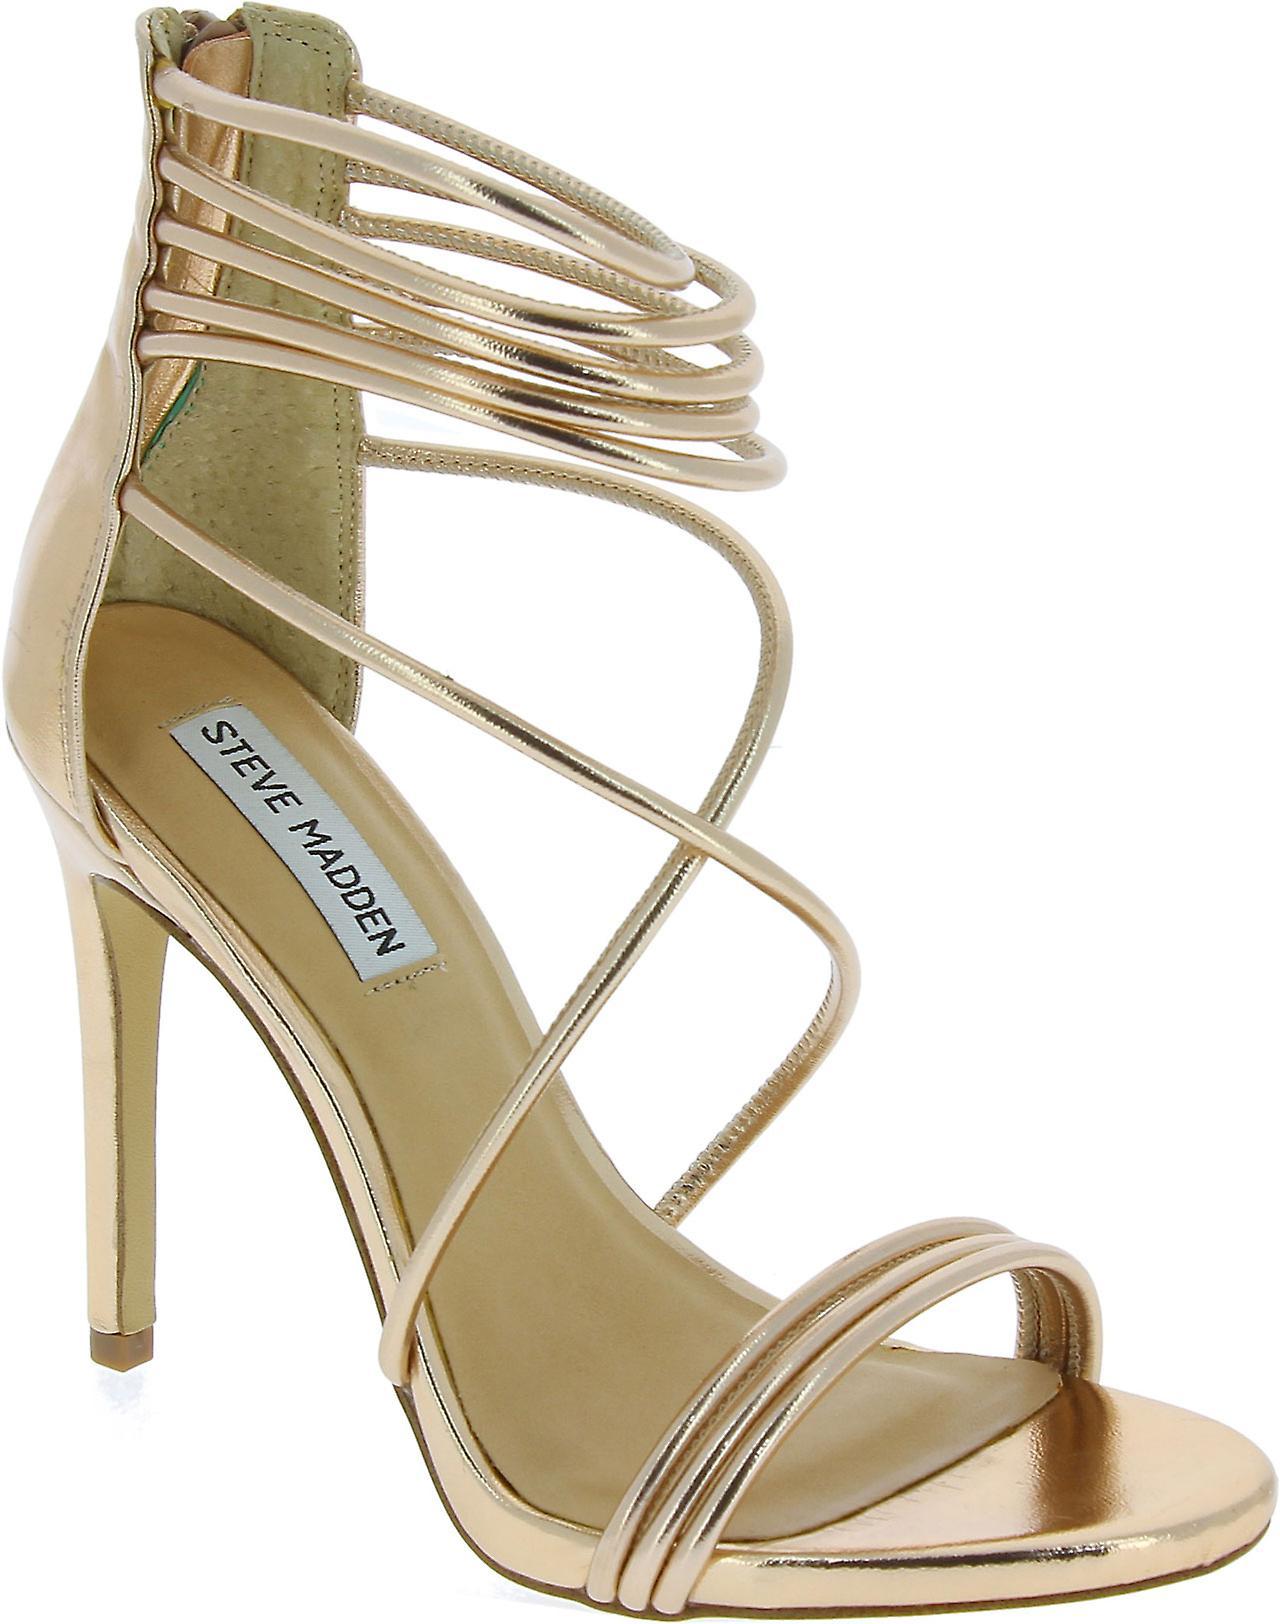 Steve Madden wysokie sandały szpilki z zamkiem błyskawicznym w złoty różowy faux skóry LAWXH